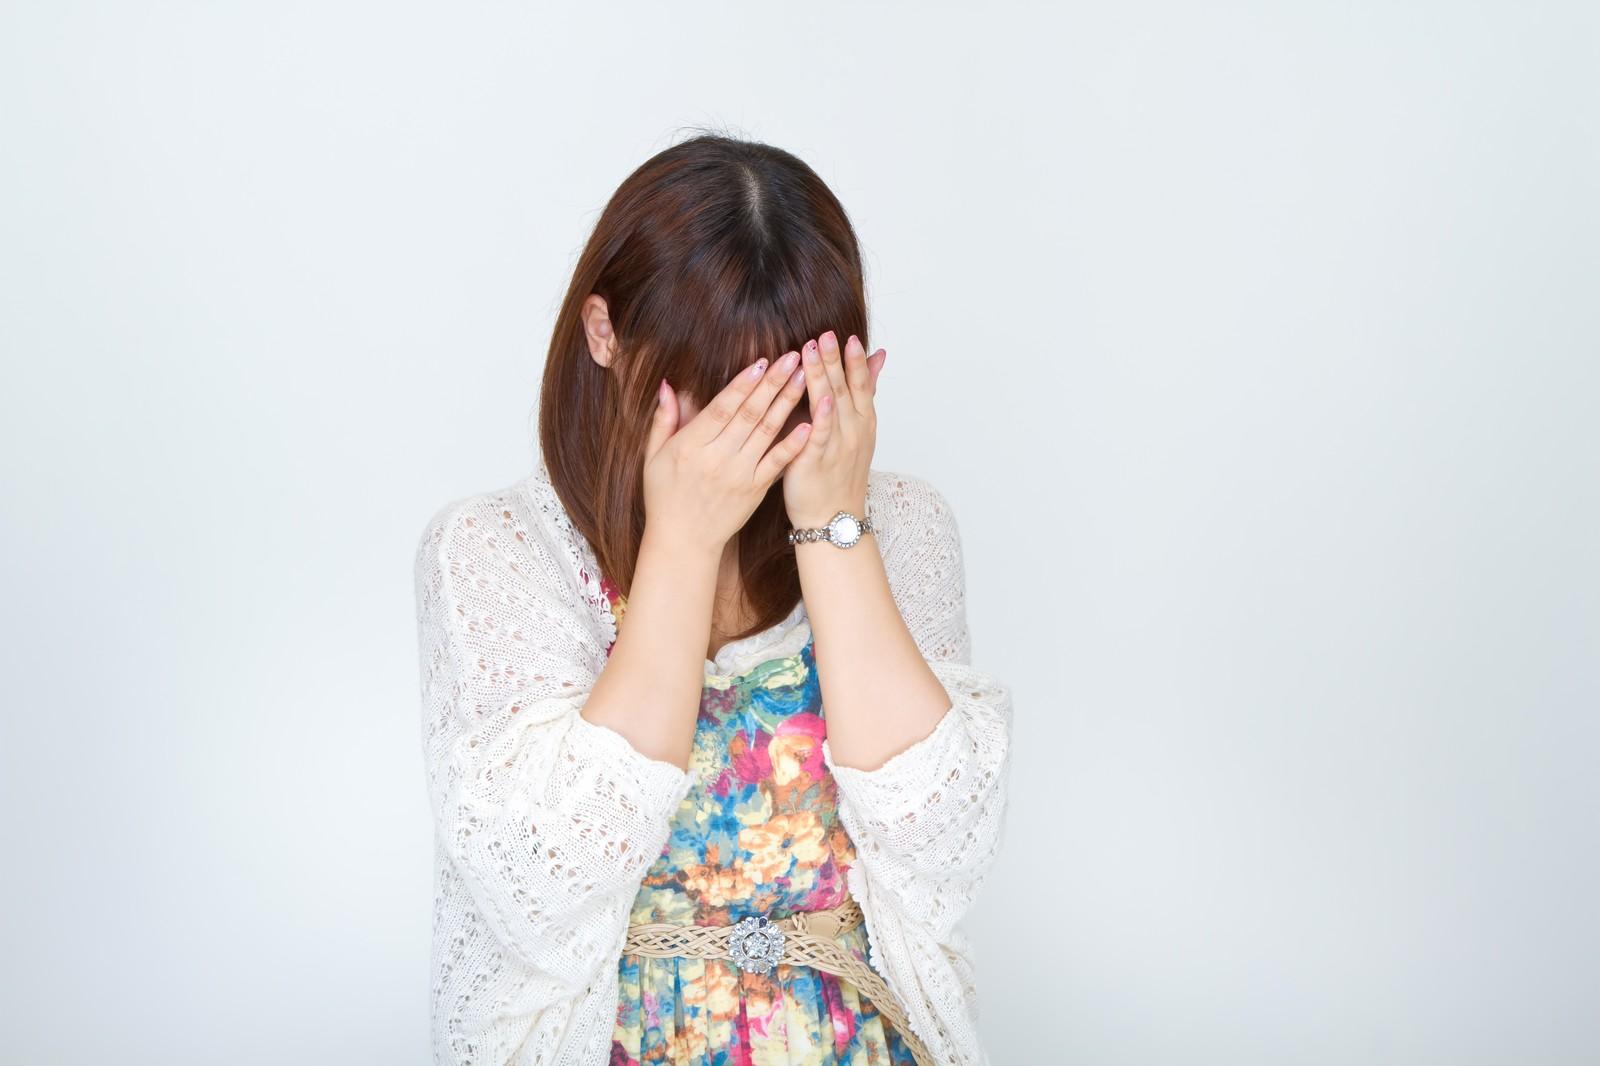 その腹痛は月経前症候群かも? | 札幌・全国子育て教室にじいろのはな